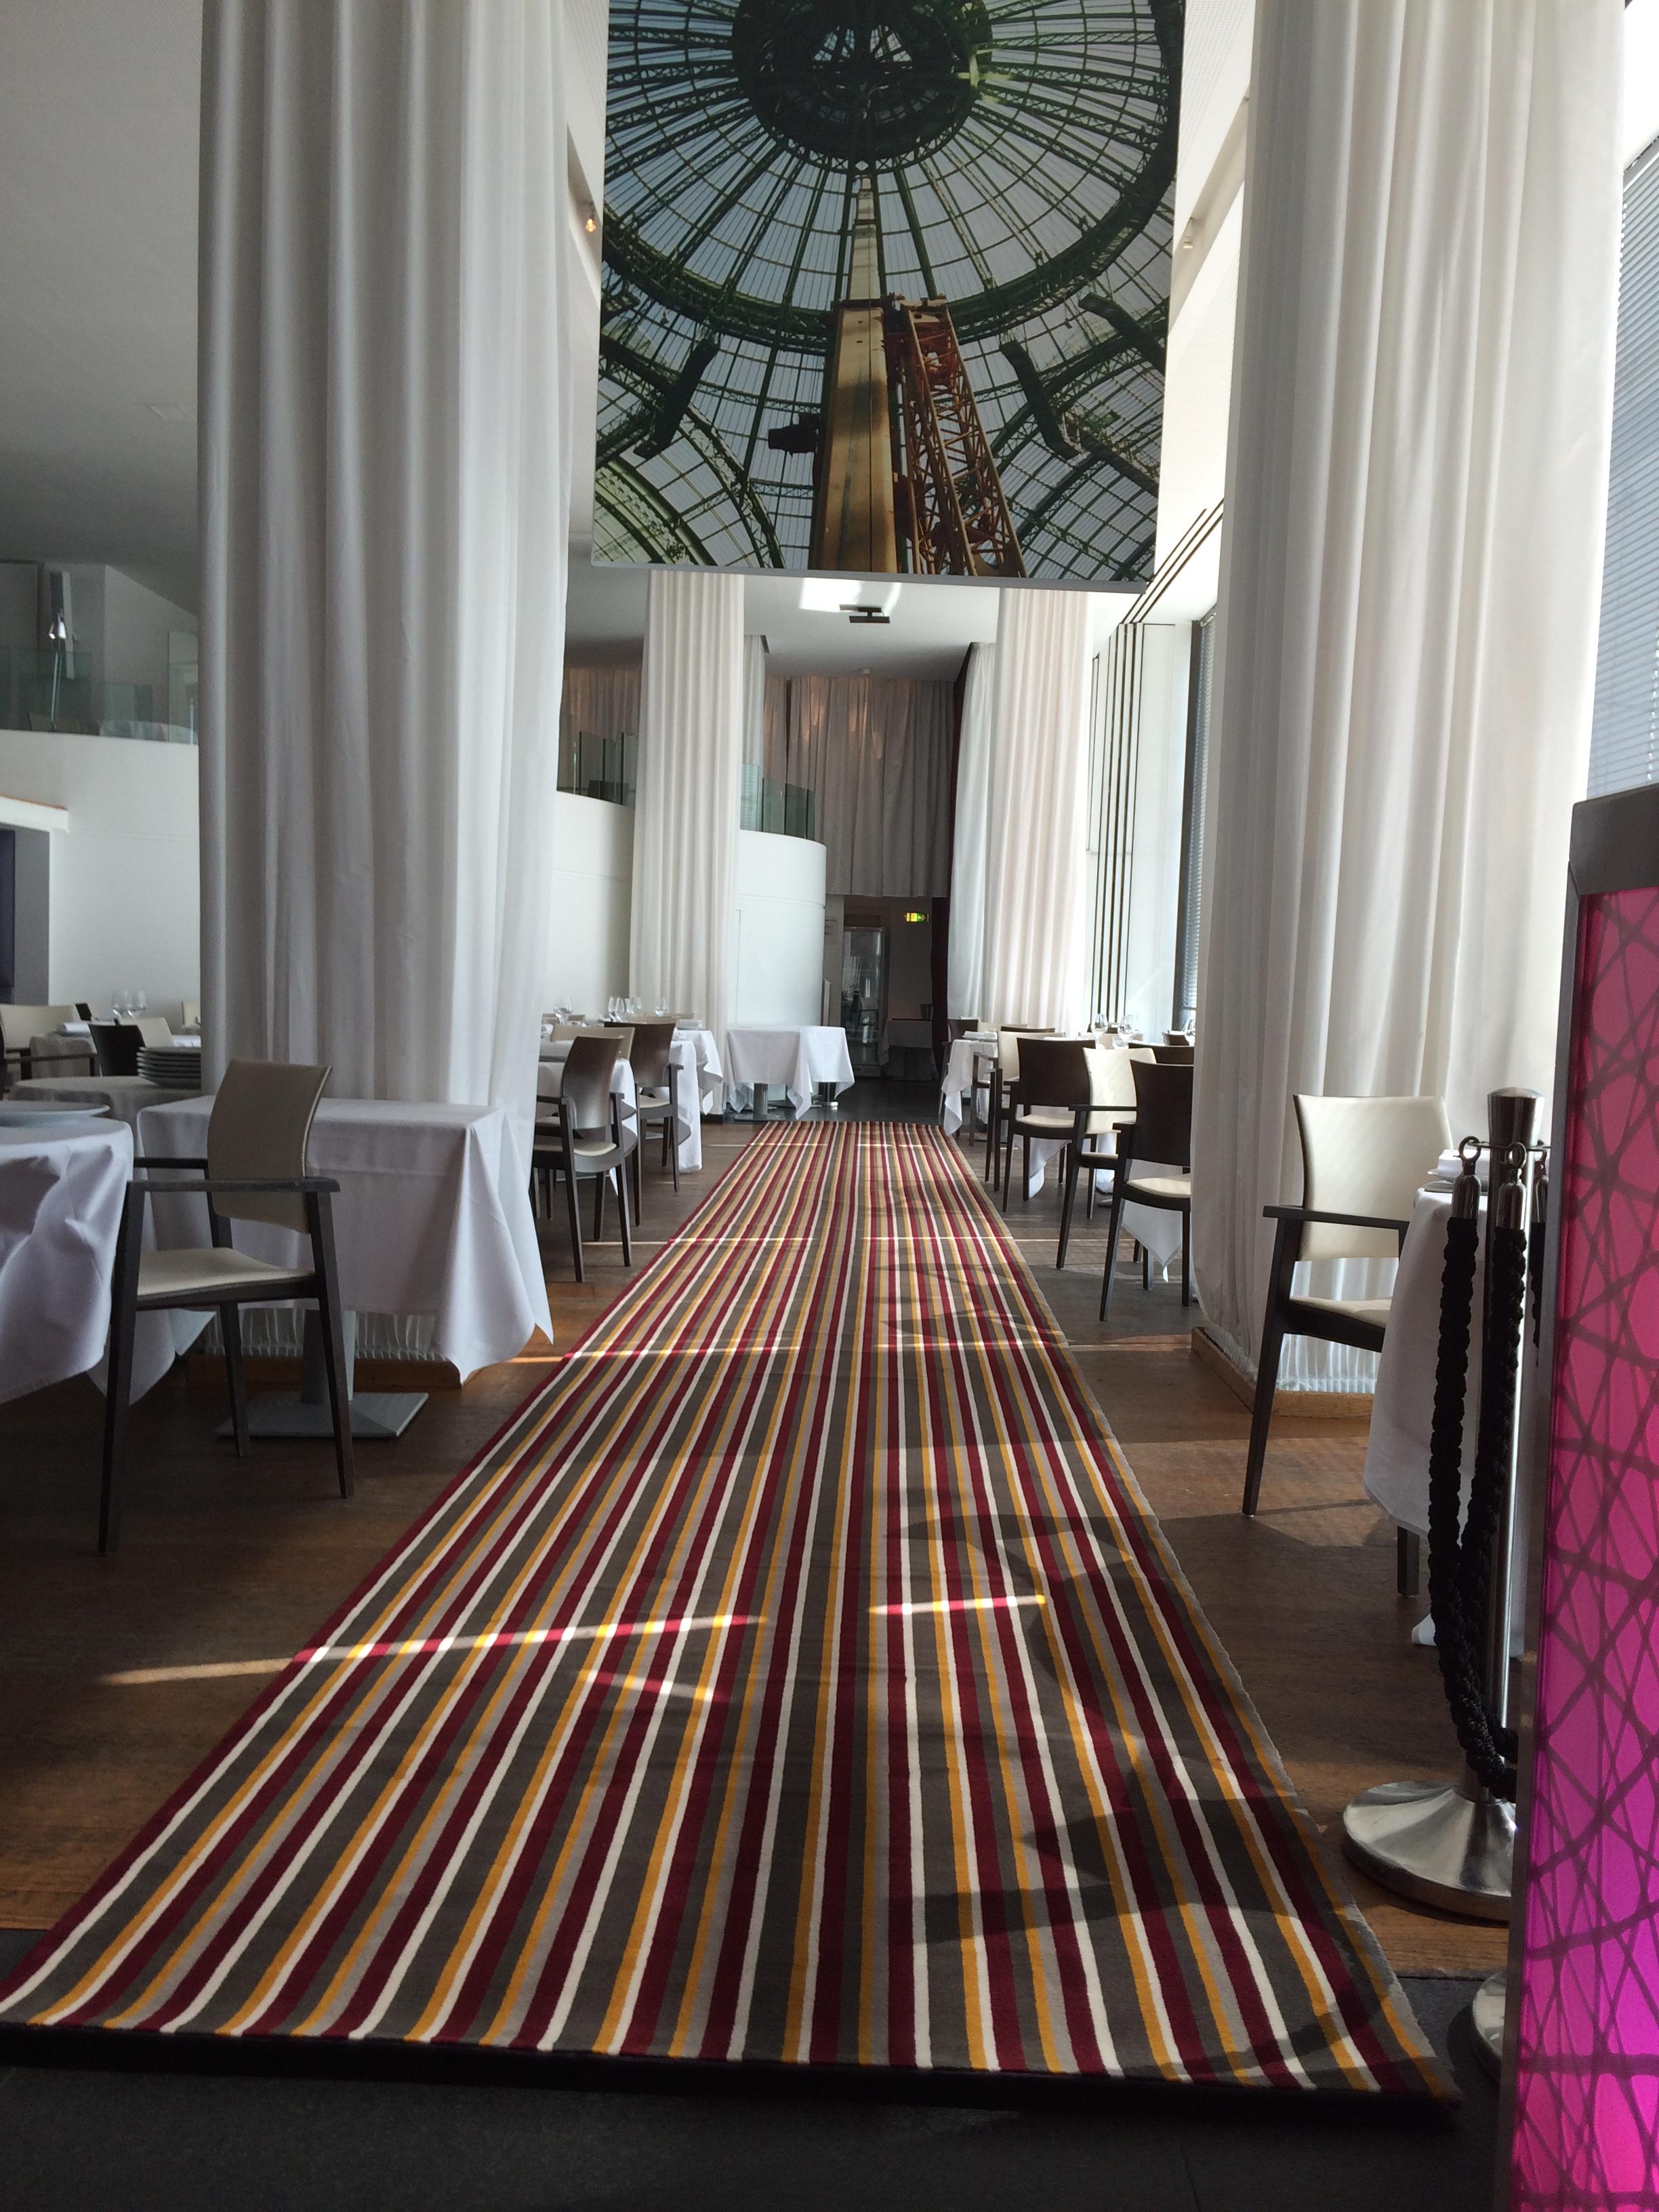 tapis de restaurant dmt sp cialiste du tapis d 39 escalier et moquette paris et r gion. Black Bedroom Furniture Sets. Home Design Ideas